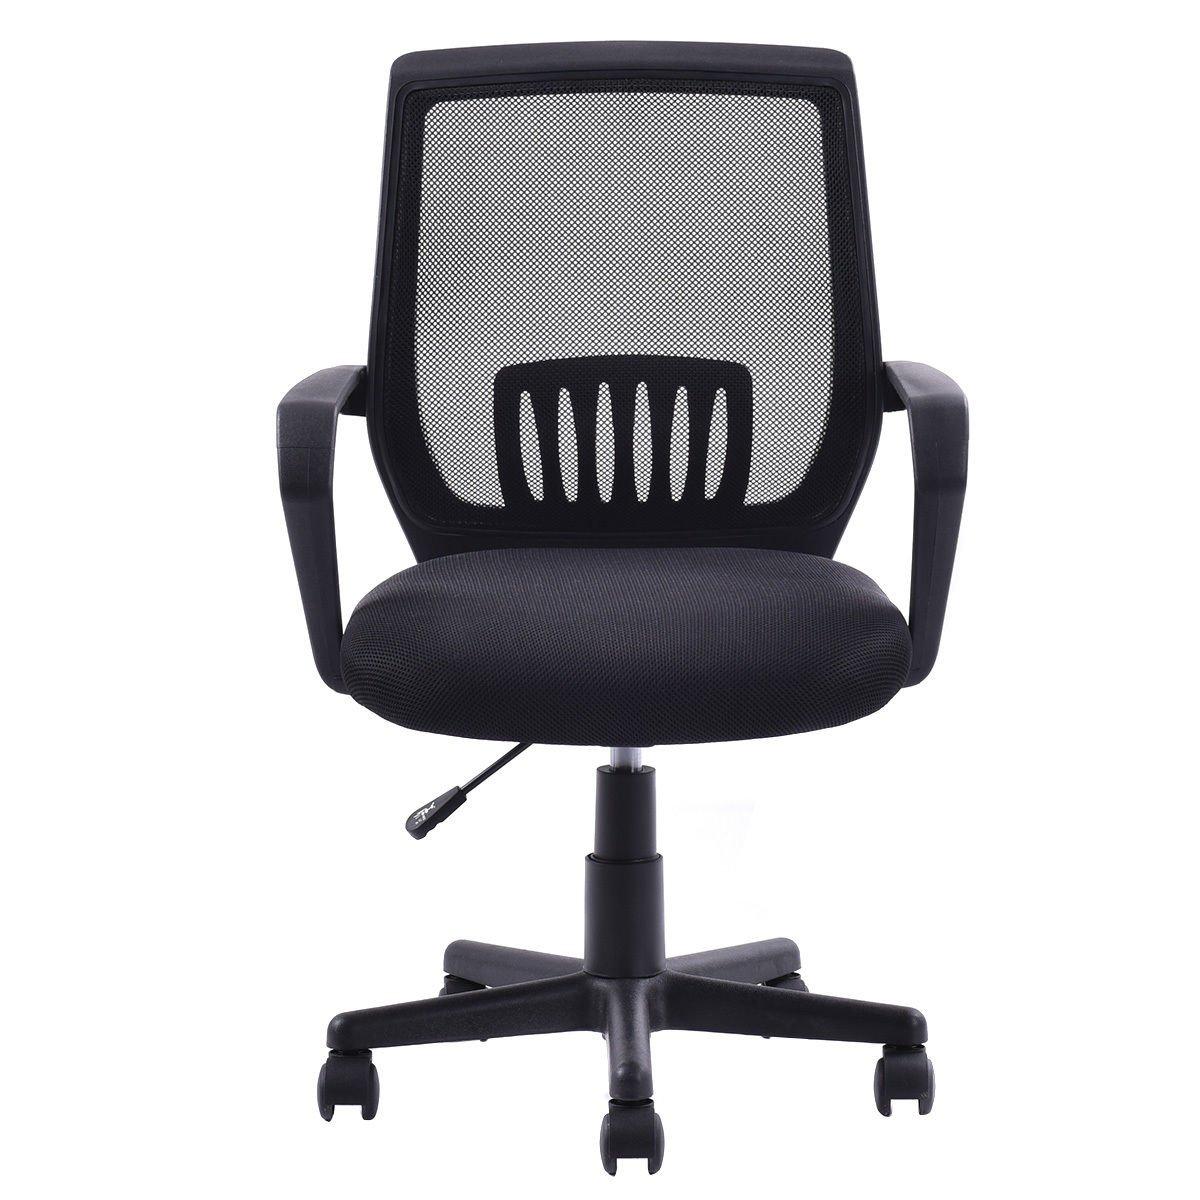 Modern Ergonomic Mid-back Mesh Computer Office Chair Desk Task Task Swivel Black by unbrand